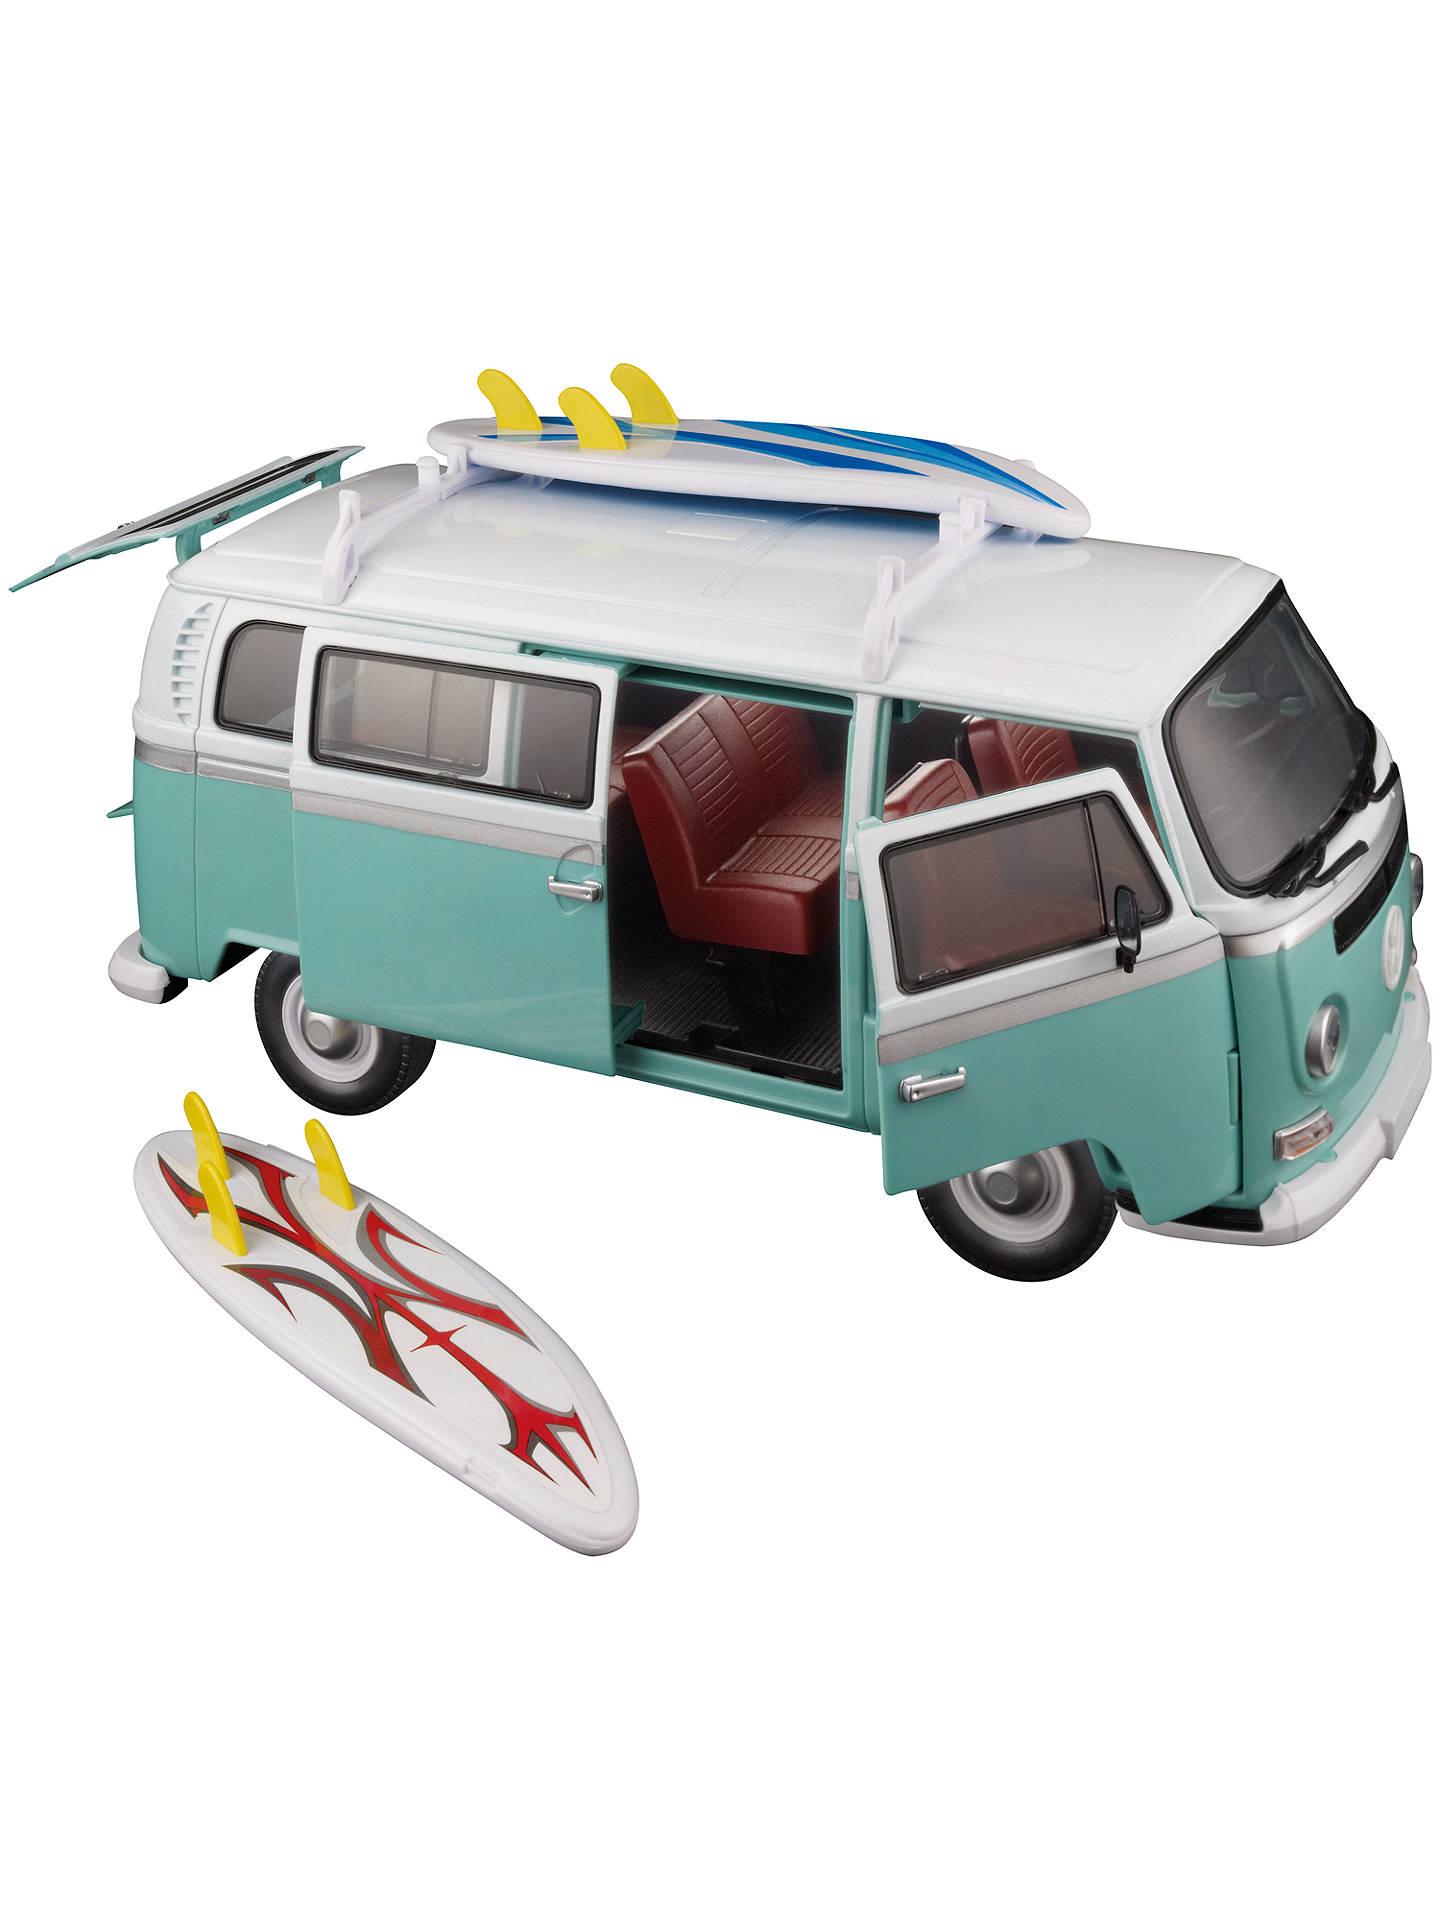 294ffdecc1 Buy John Lewis   Partners Surfer Van Toy Online at johnlewis.com